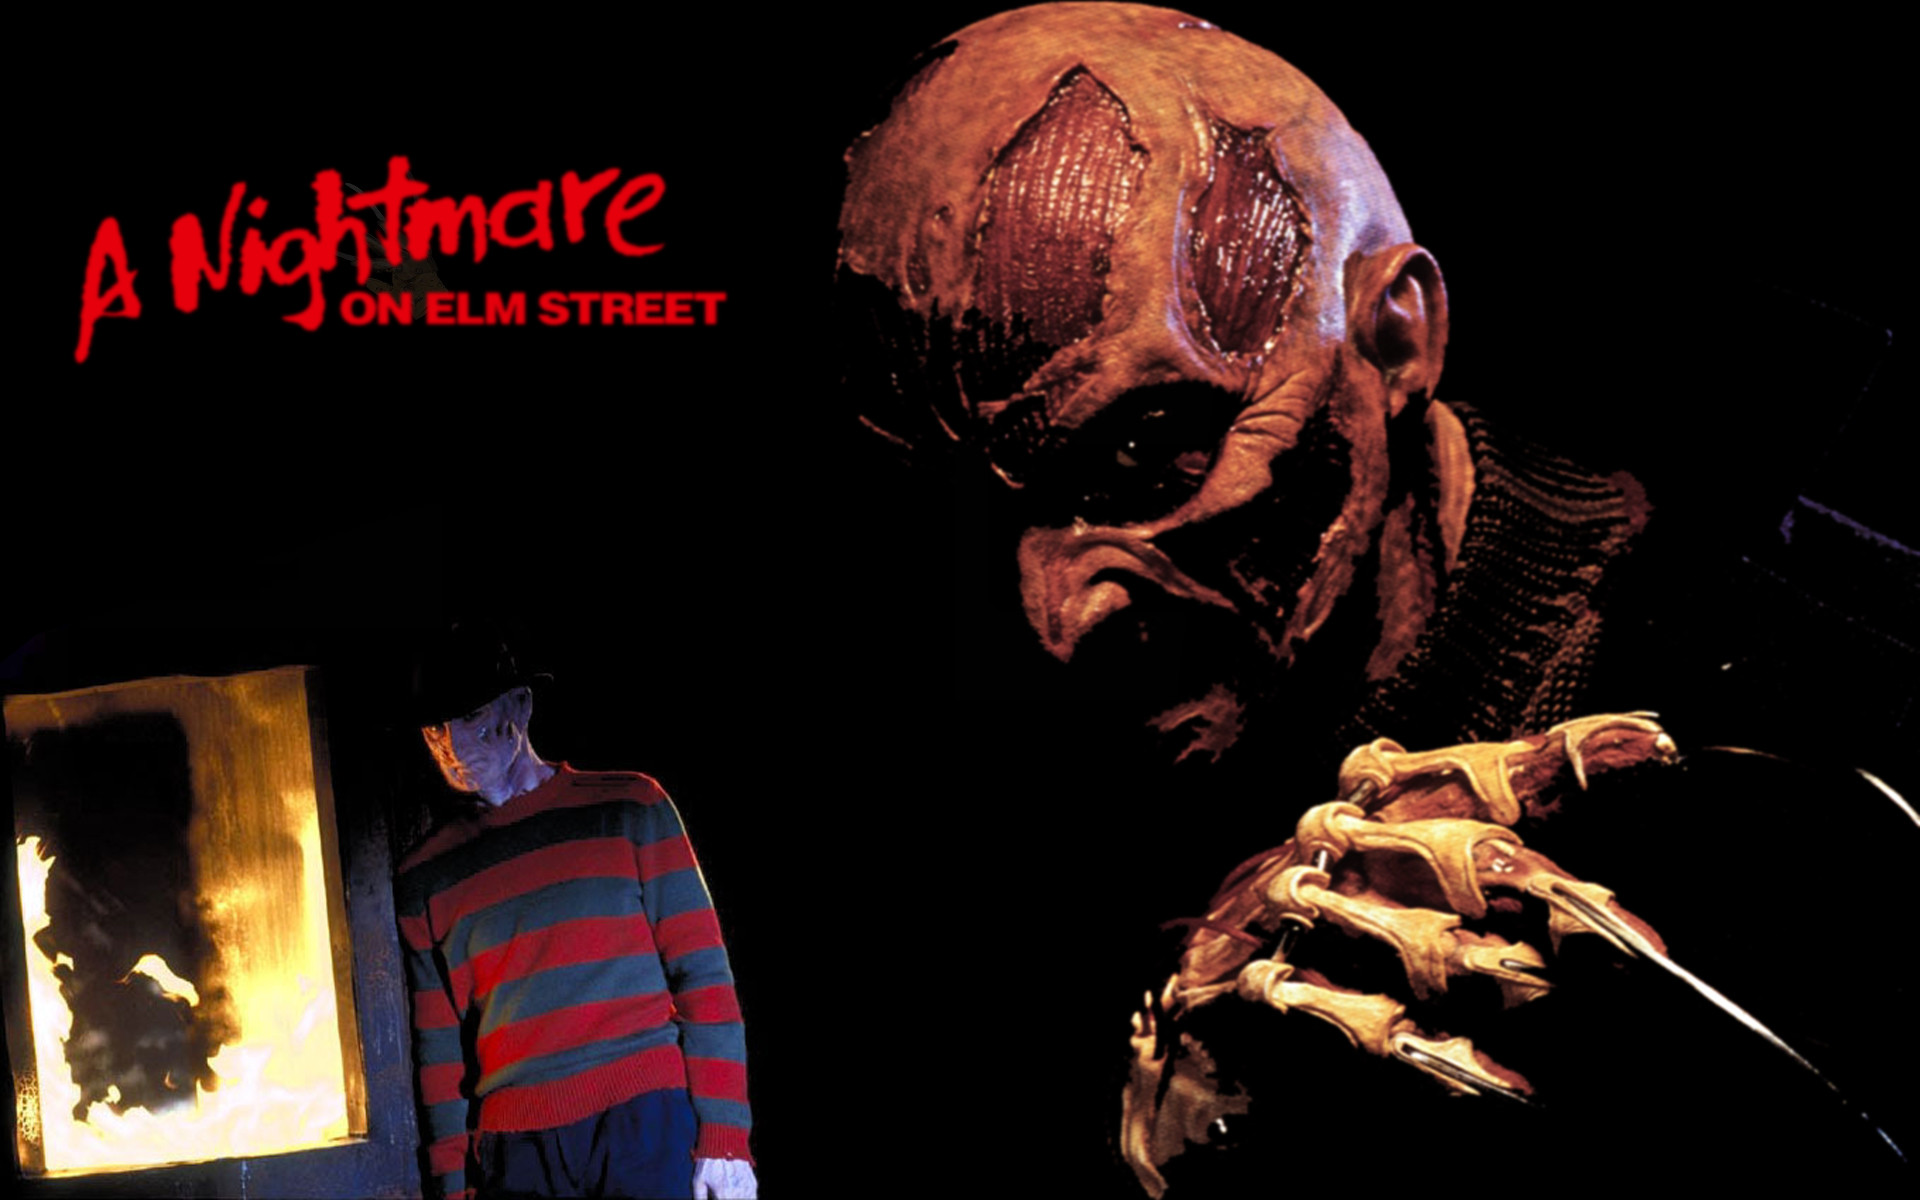 Horror Skull Wallpaper HD 1080p | ImageBank.biz